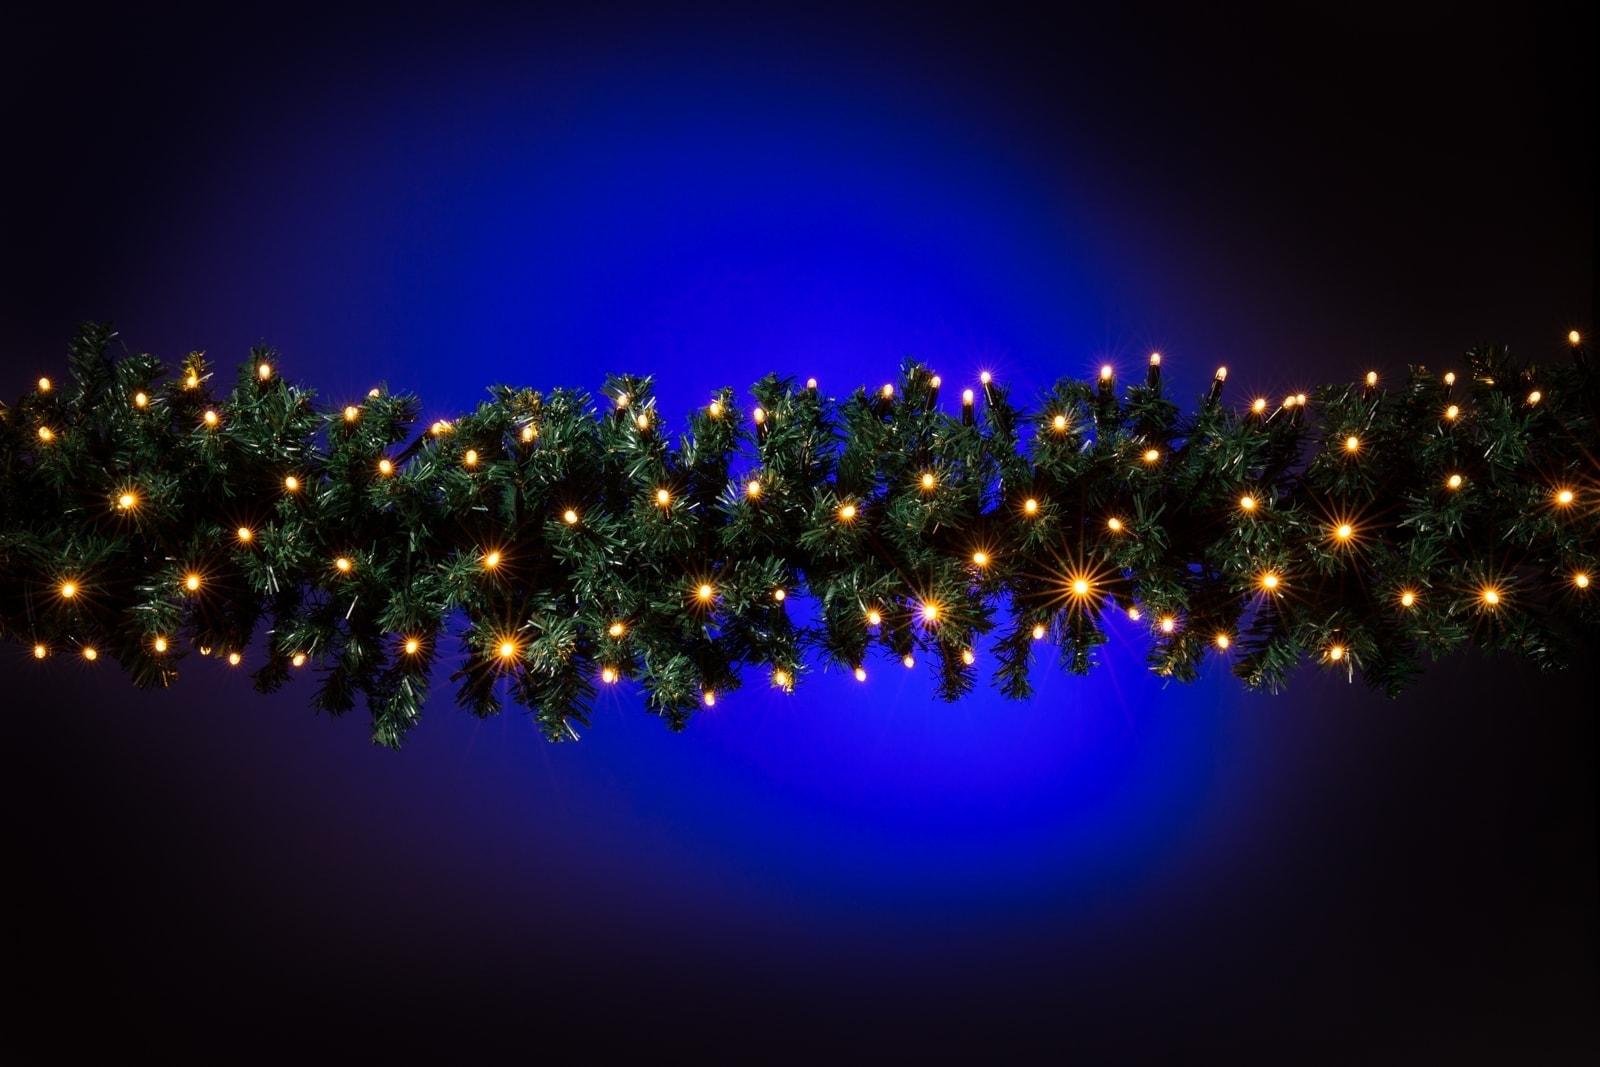 guirlande met verlichting